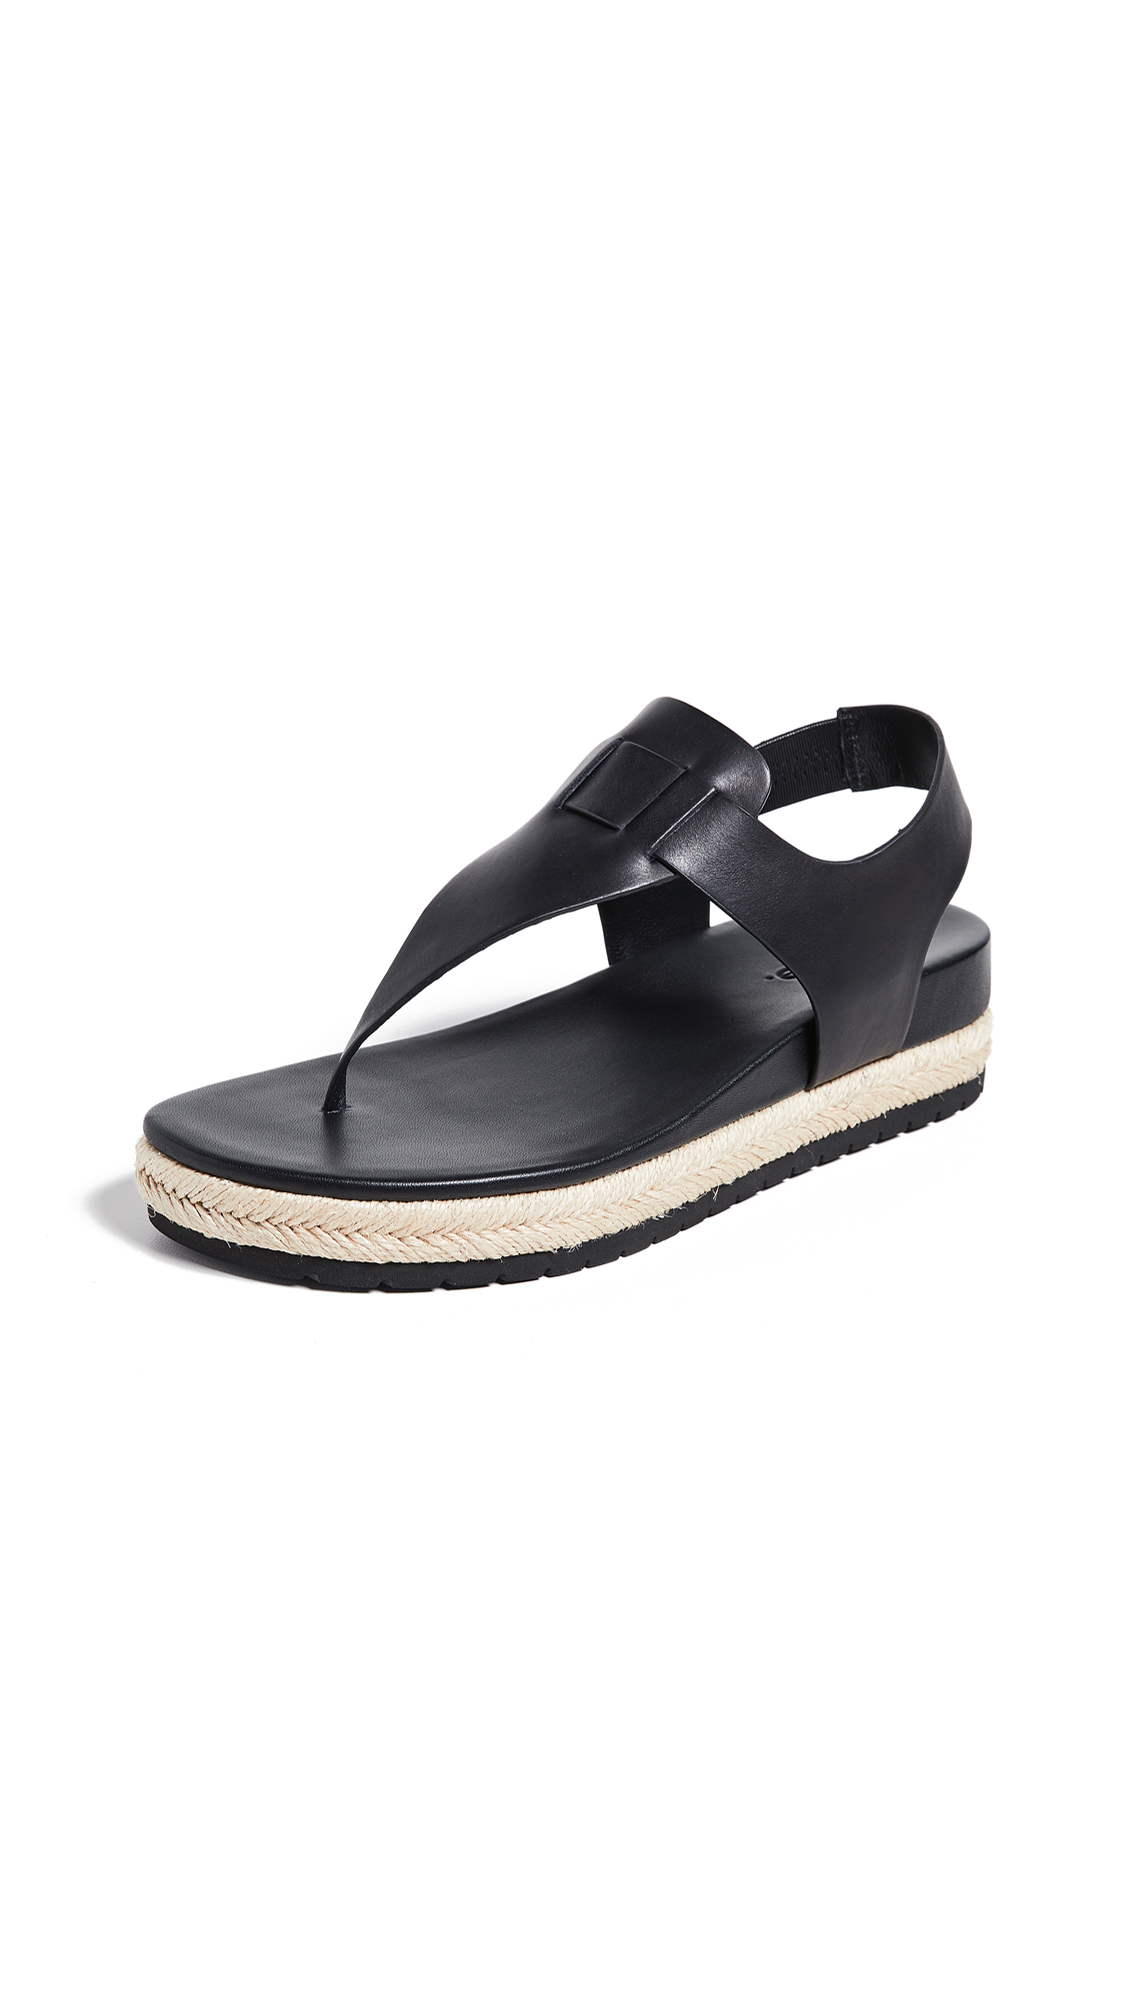 Buy Vince Flint Flatform Thong Sandals online, shop Vince